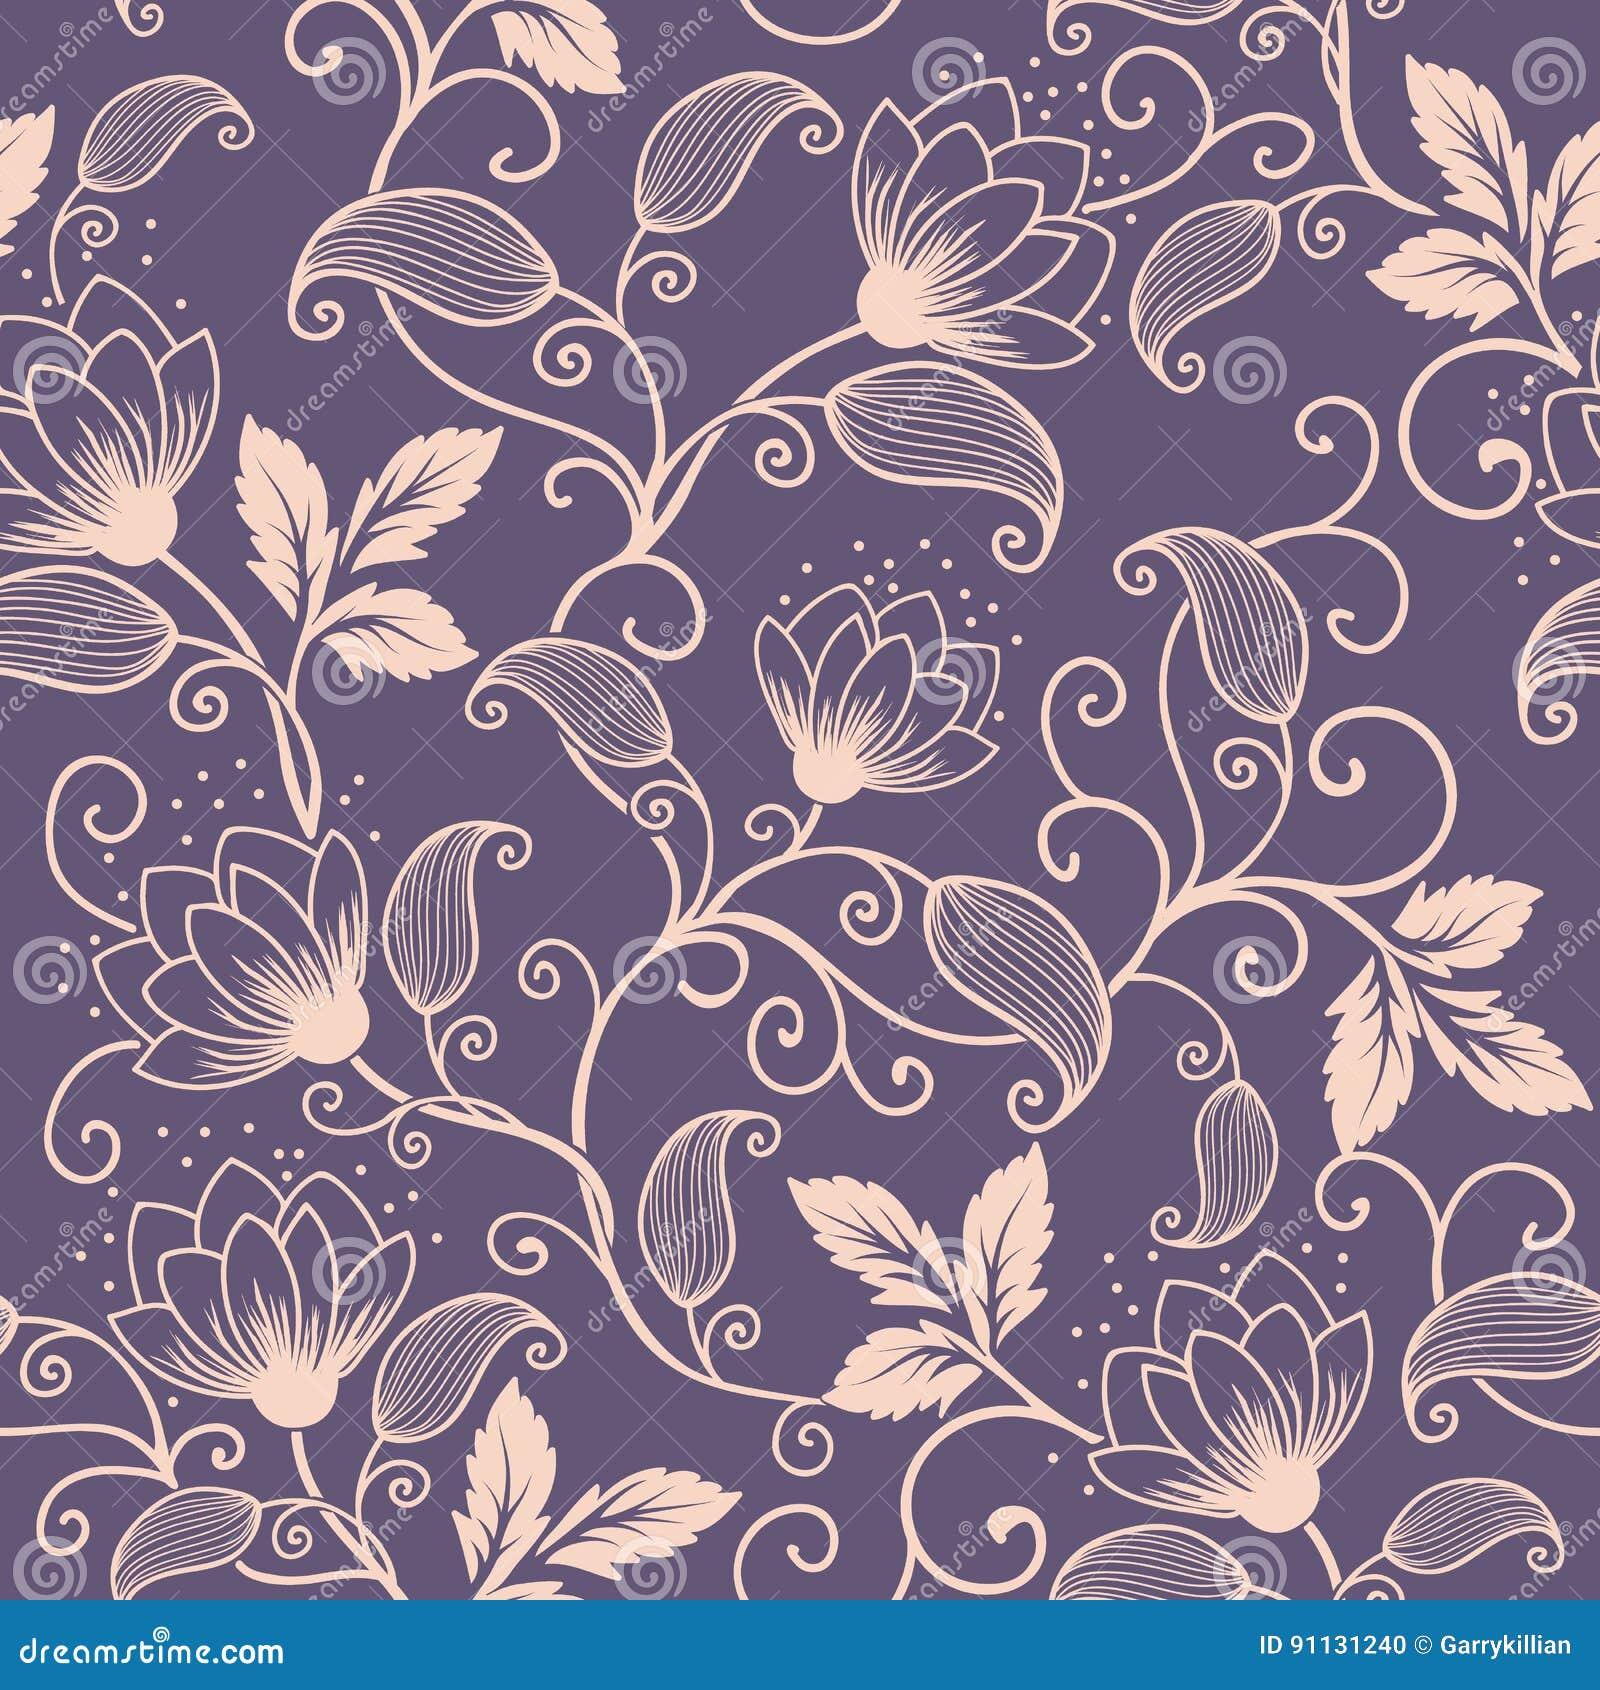 Elemento sem emenda do teste padrão da flor do vetor Textura elegante para fundos Ornamento floral antiquado luxuoso clássico